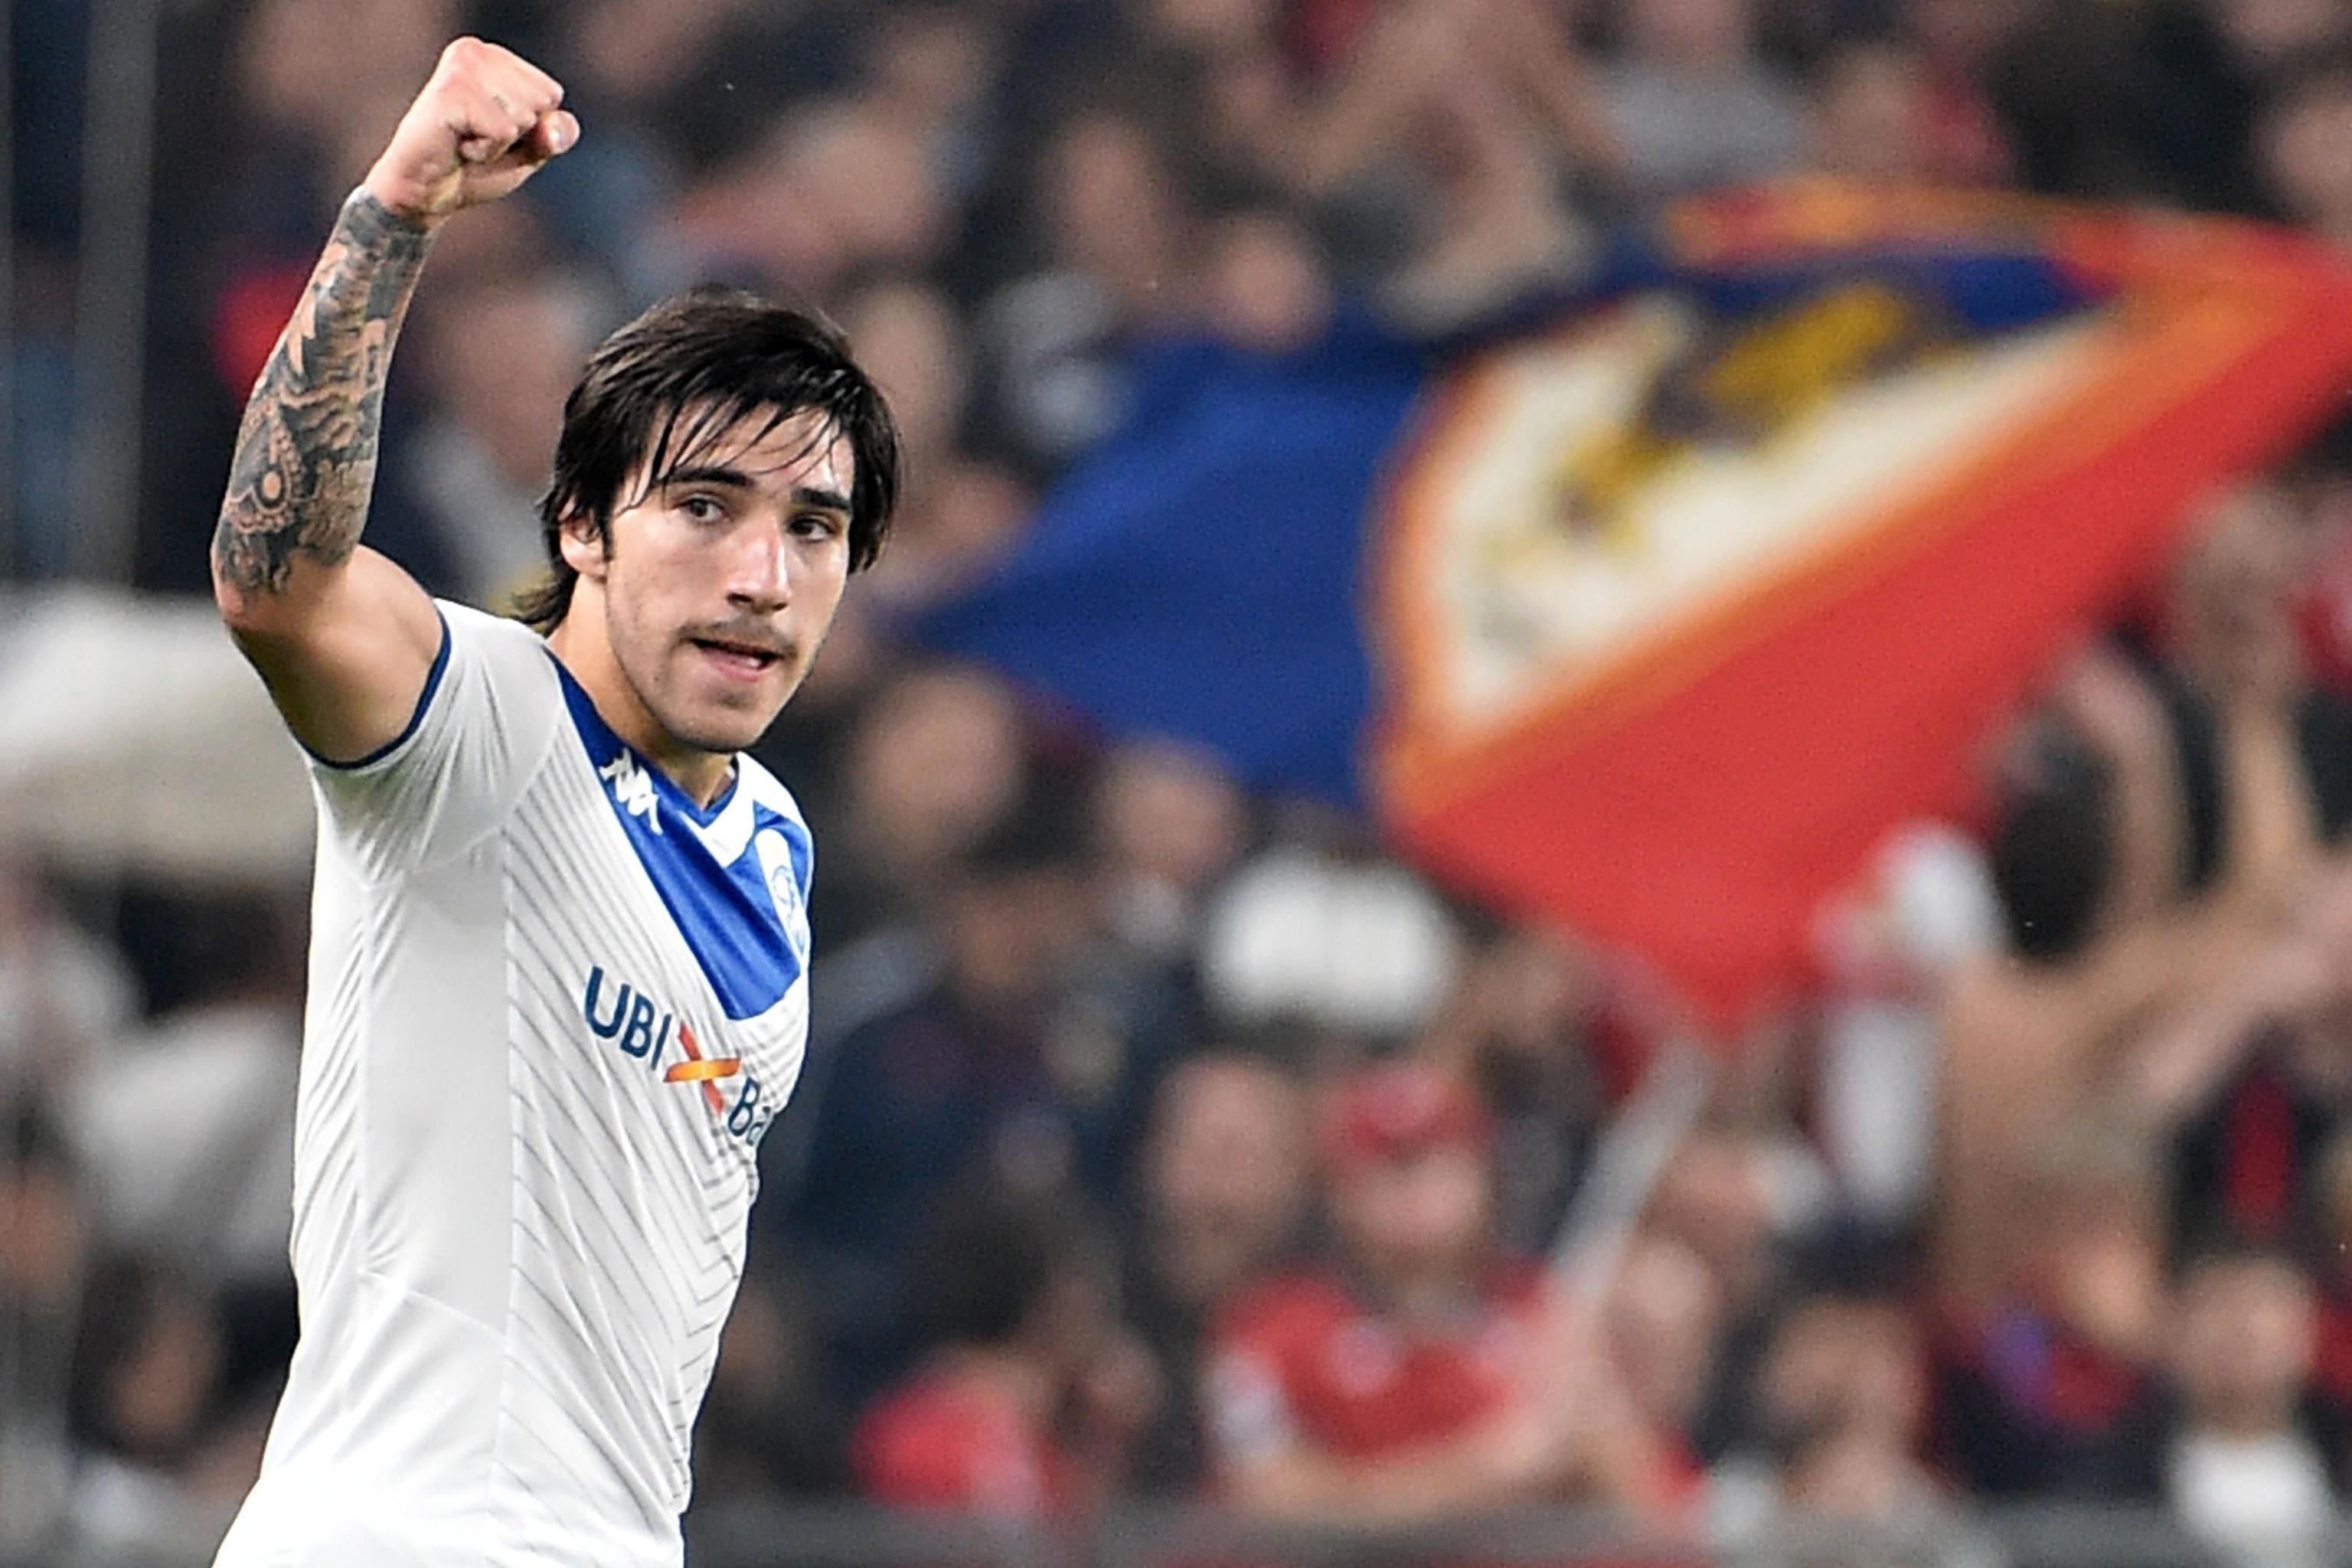 Brescia's Sandro Tonali Not Scared by €300M Price Tag Amid ...